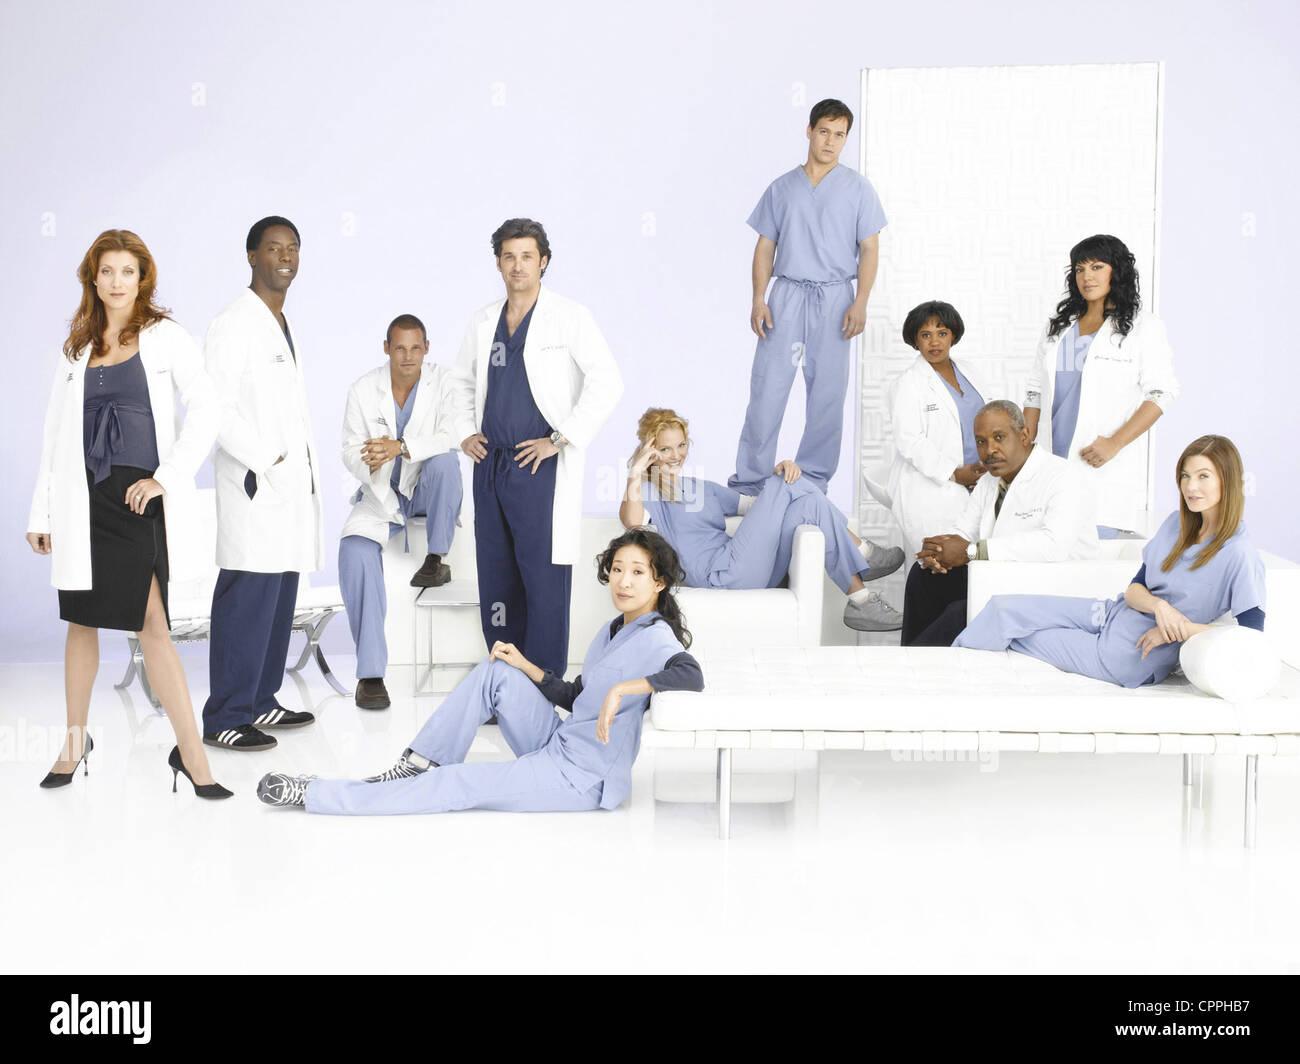 Grey\'s Anatomy (Season 3 Stock Photo: 48439755 - Alamy